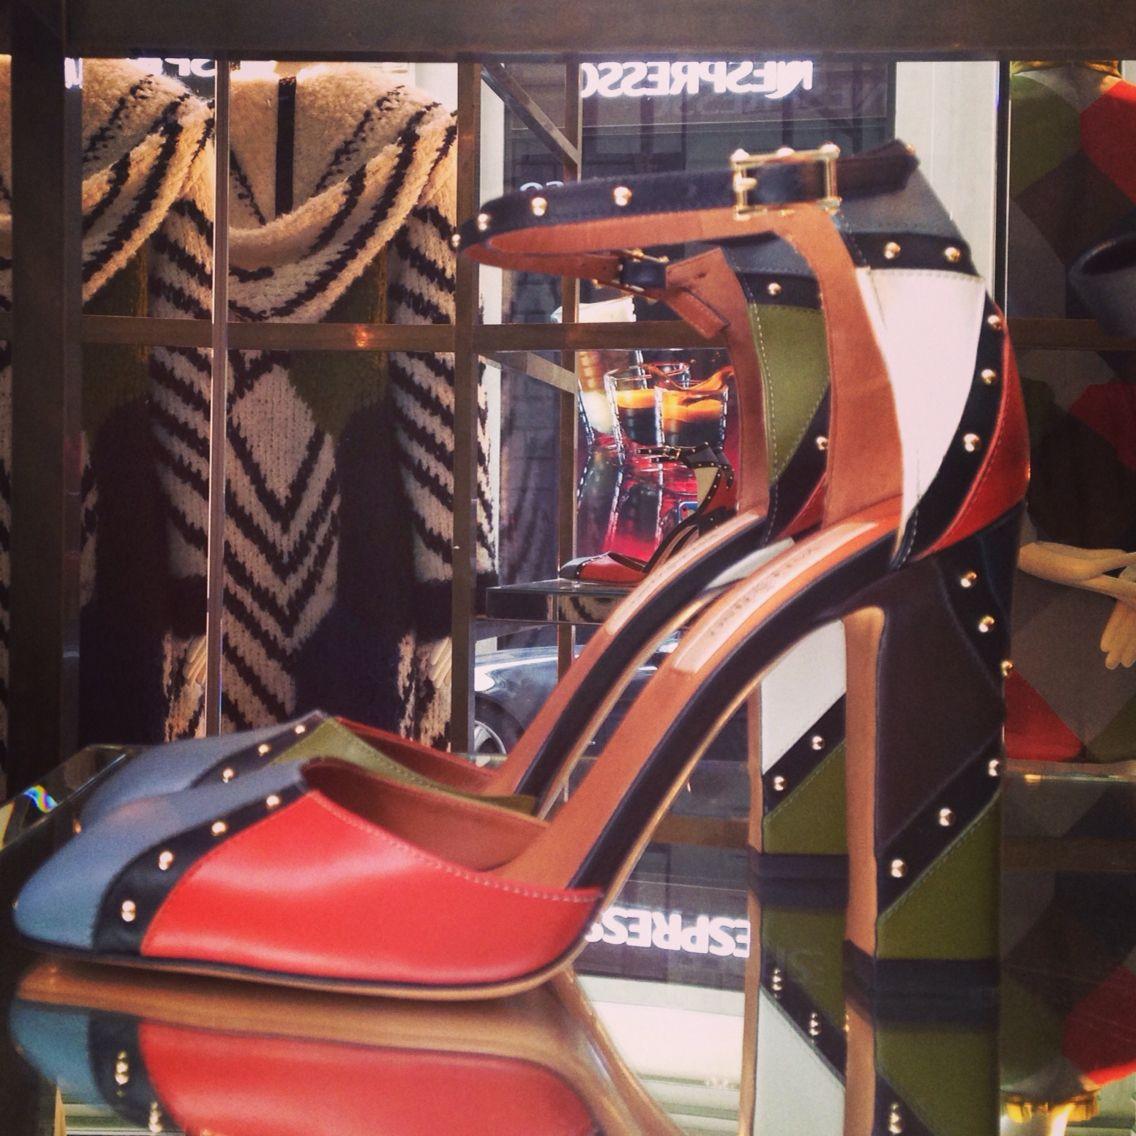 Colorblock per i sandali a punta quadra Valentino con borchie, squared point Valentino sandals